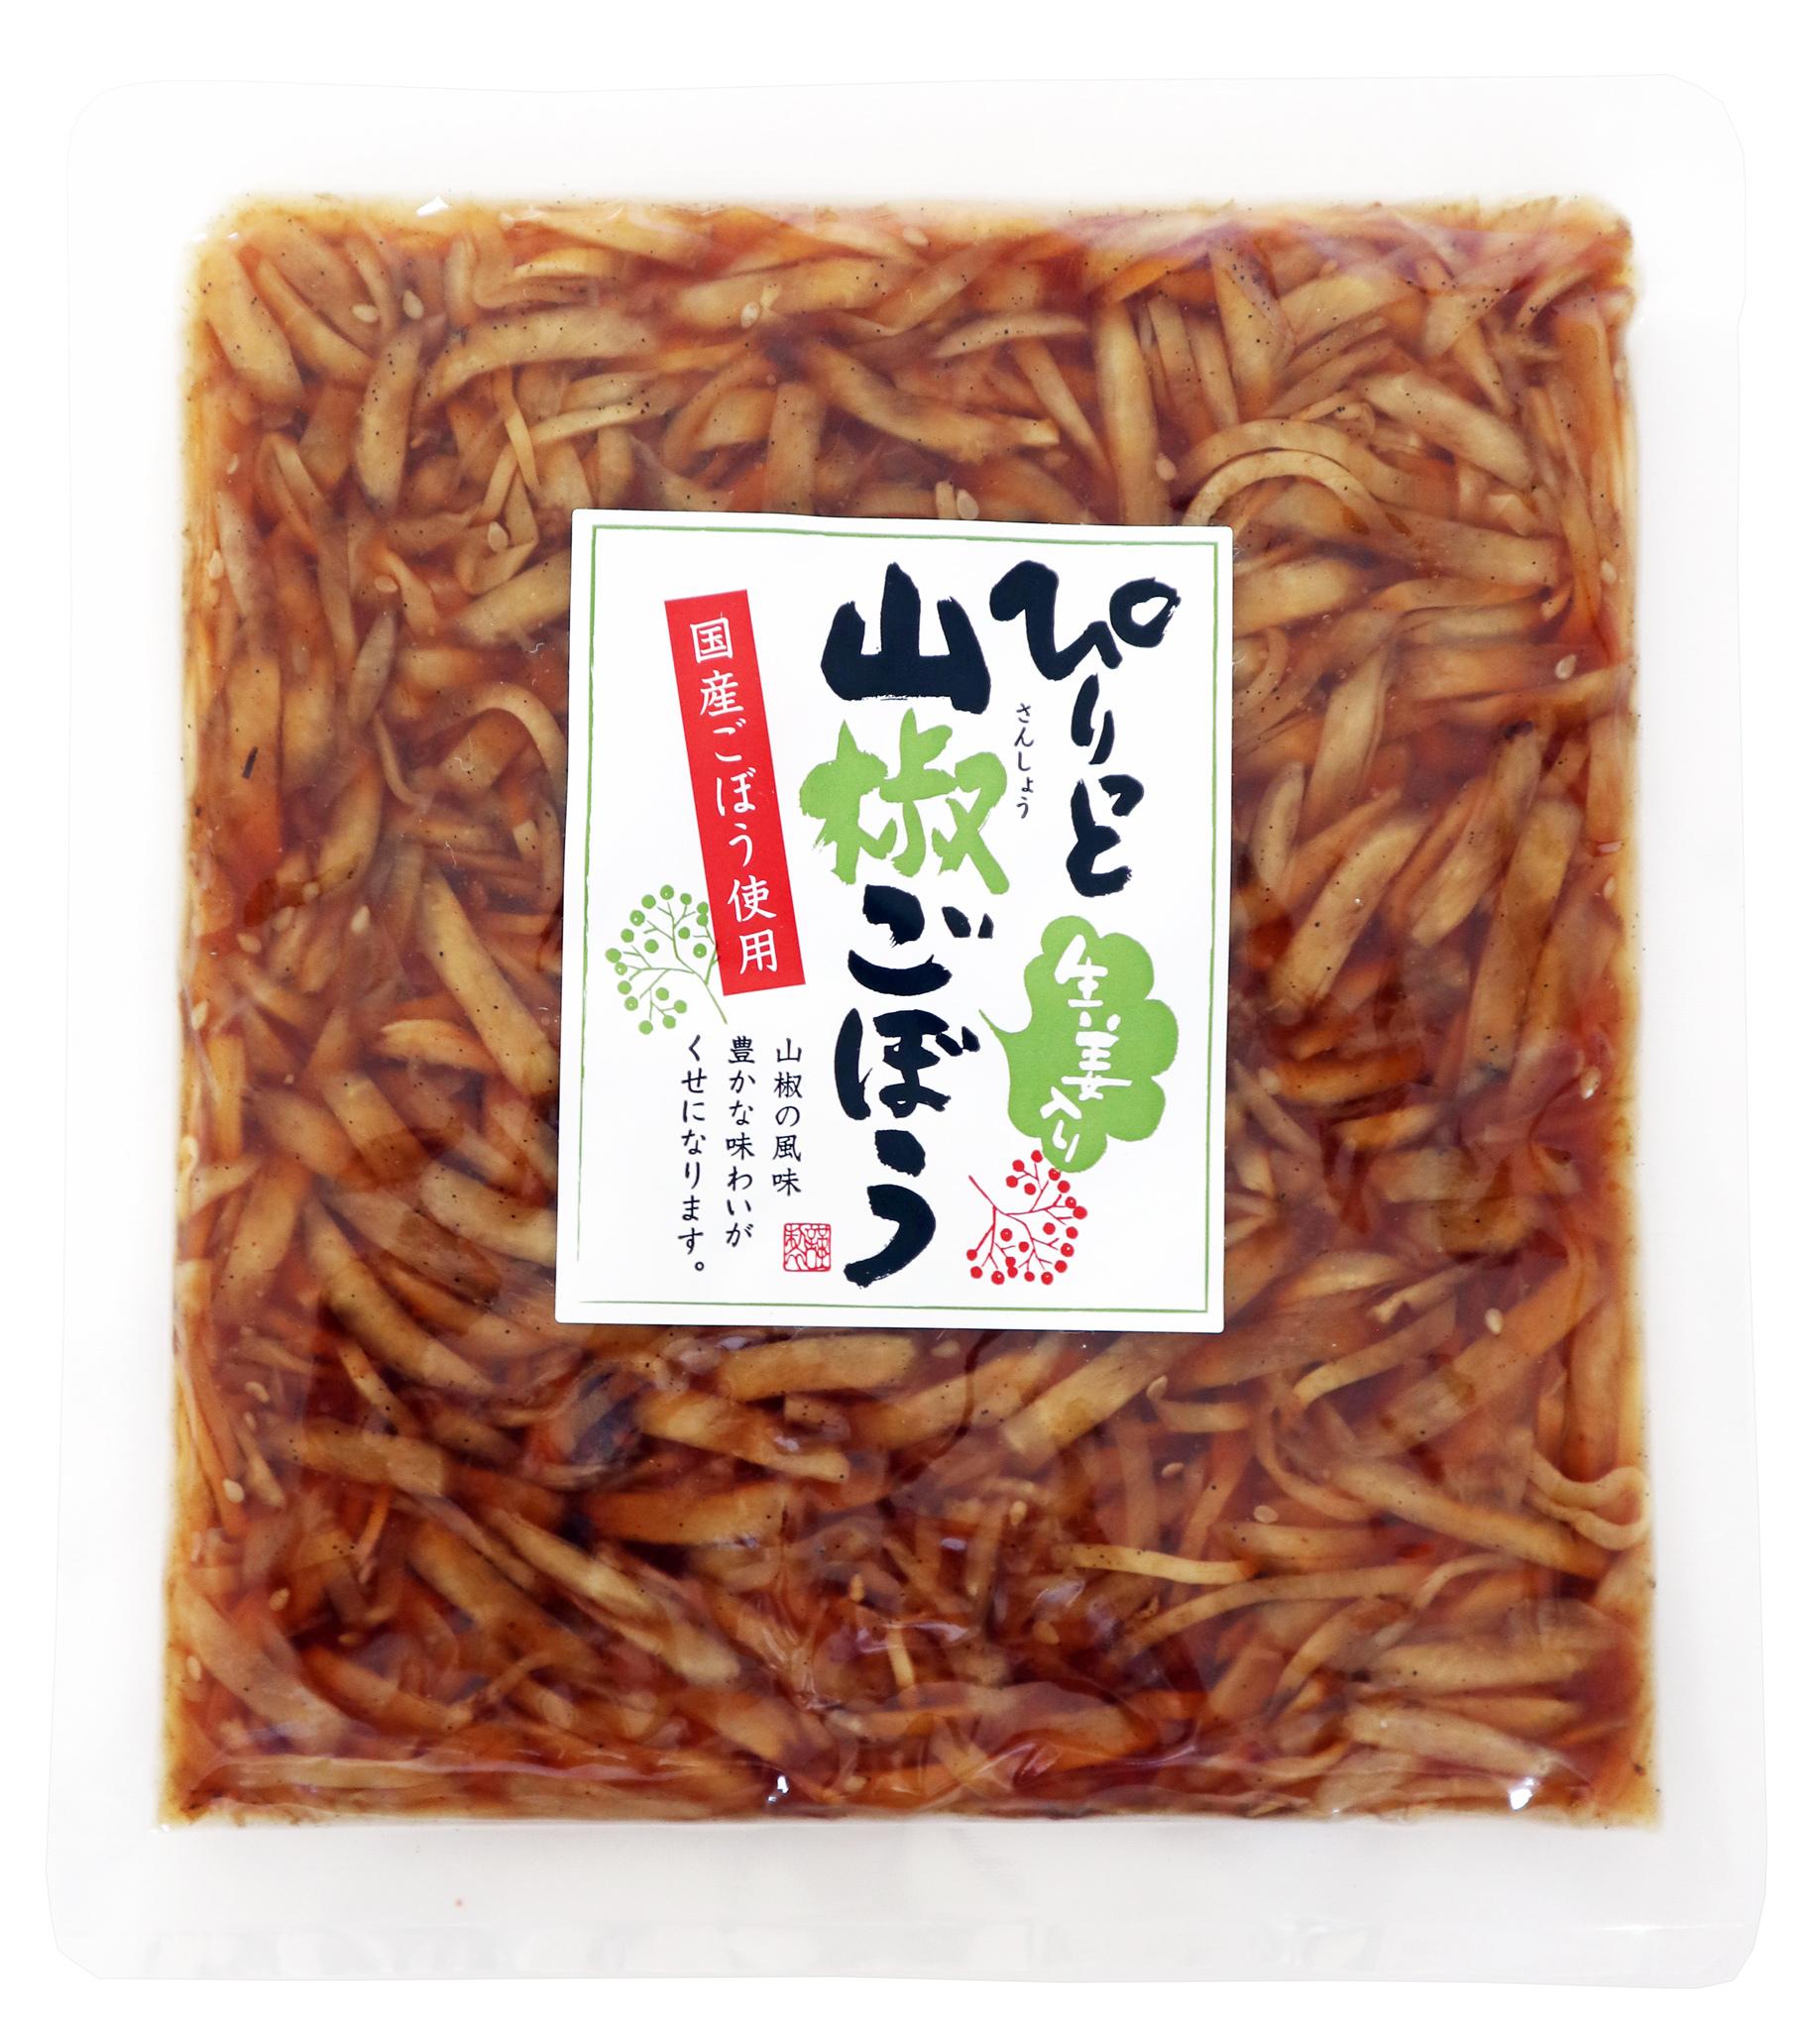 ぴりっと山椒ごぼう!山椒の風味とスライスされたごぼうが幅広い年齢層に親しまれています!